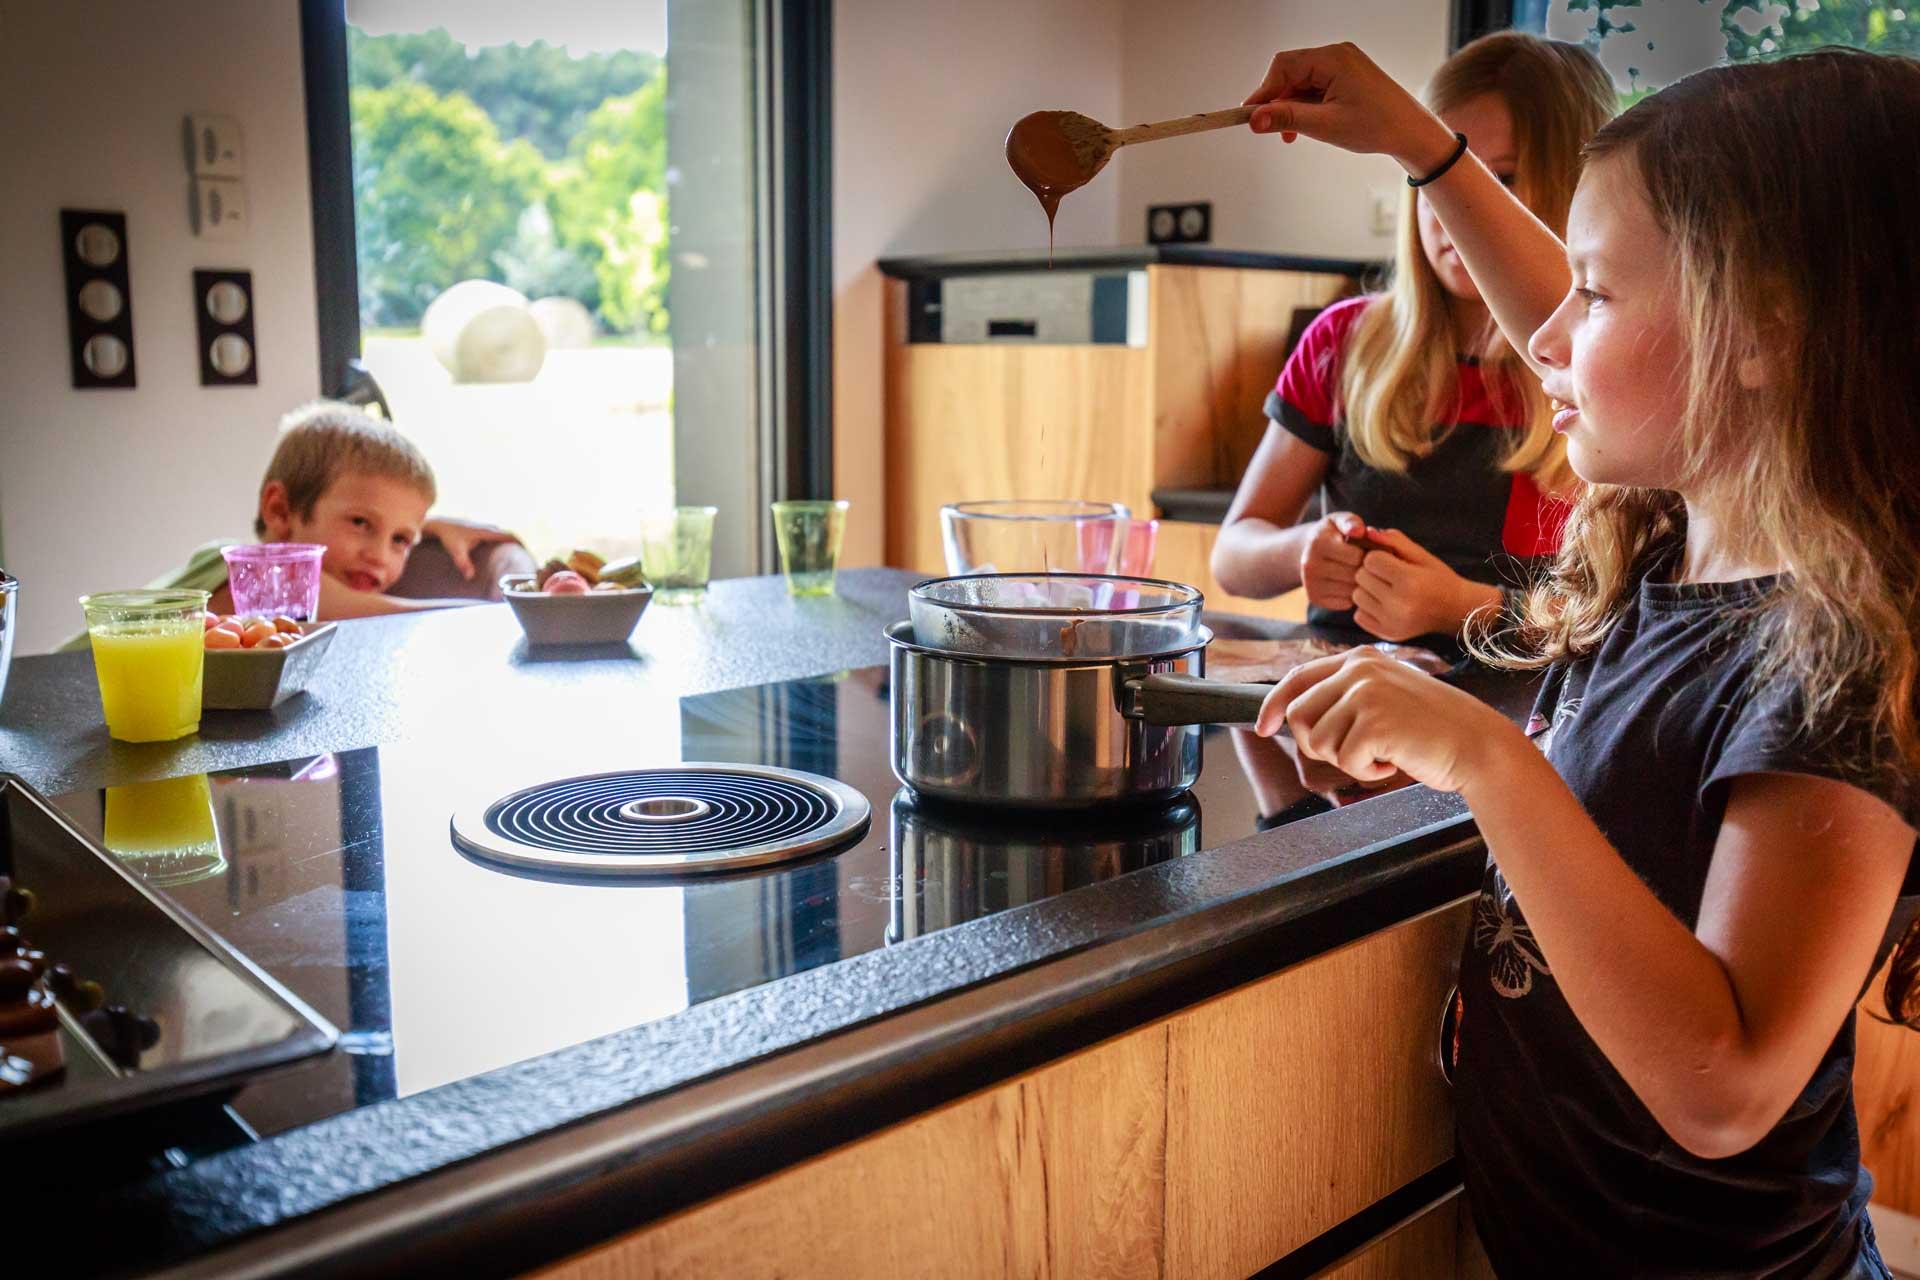 Véritables amoureux des matériaux nobles, pour leur cuisine Intramuros à fait appel aux savoirs faire des ateliers Bonnet Leclair pour la réalisation des meubles en chêne sans poignée et de Mathias et Gaël Luc pour la fabrication du meuble vitrine et du piétement de l'îlot qui intègre 4 tabourets suspendus.